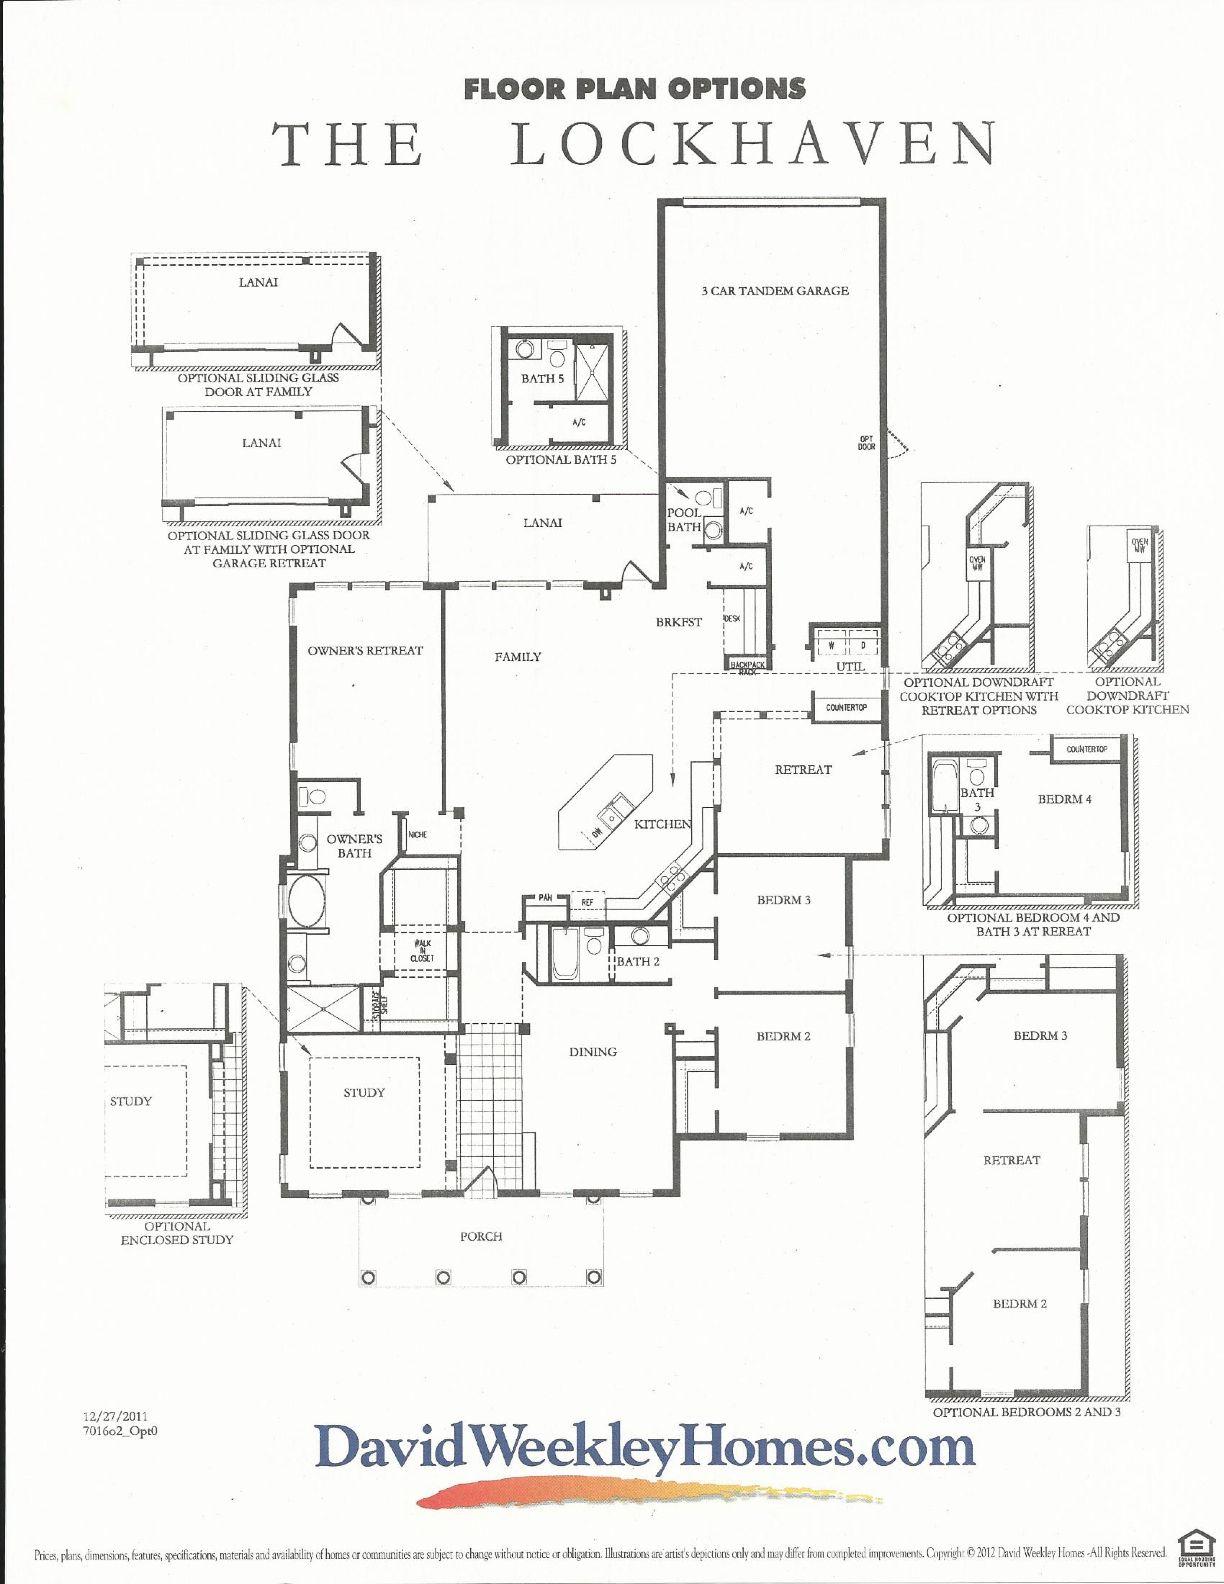 oakland park lockhaven floor plan 2 in winter garden fl oakland